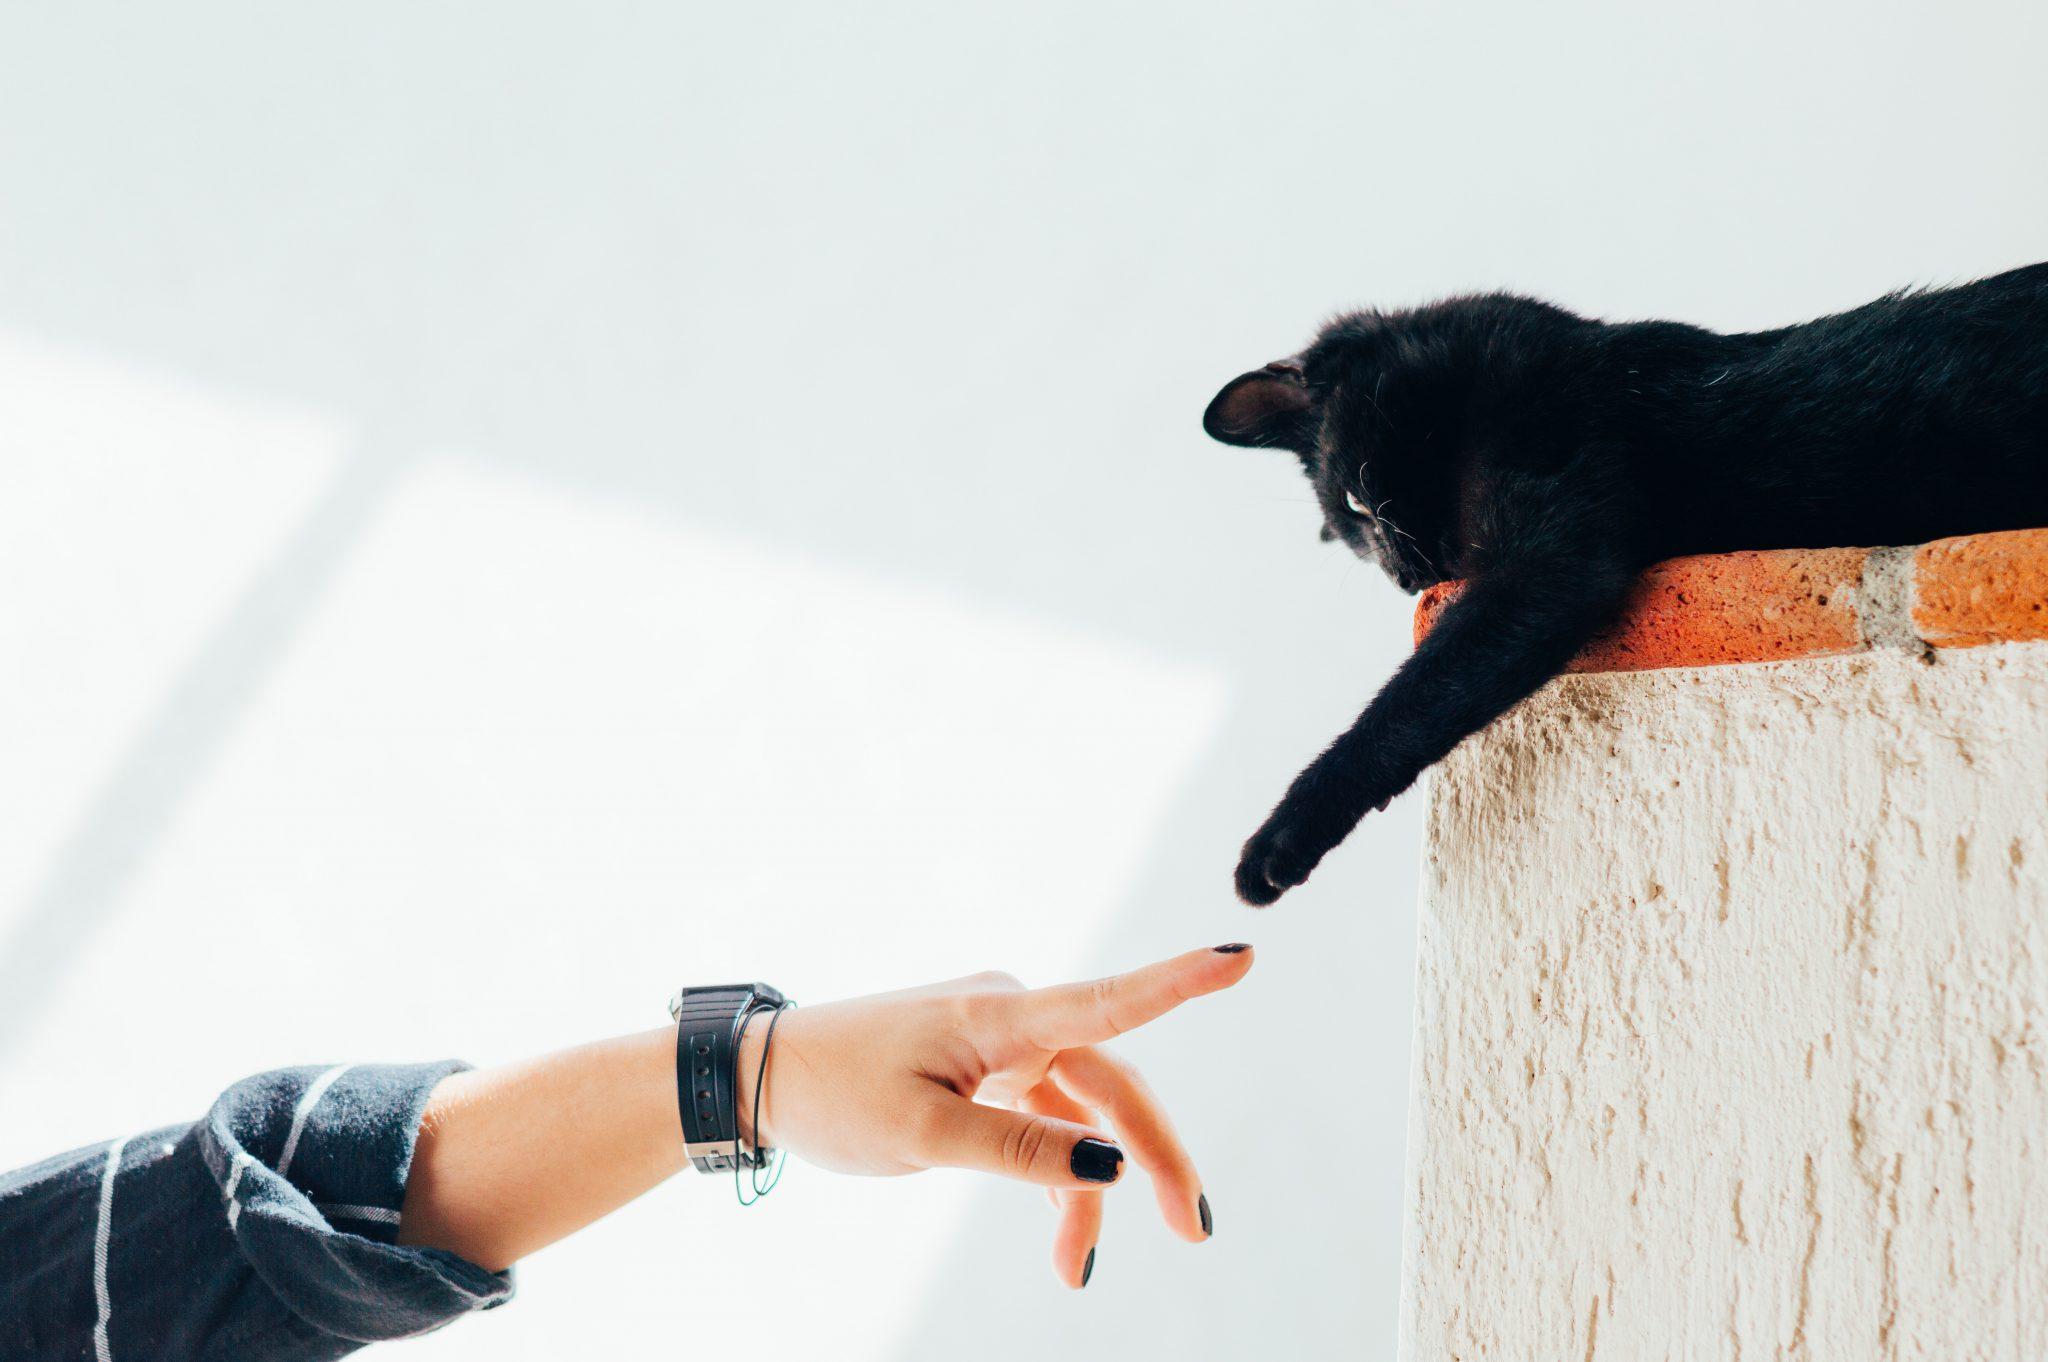 고양이와 친해지기